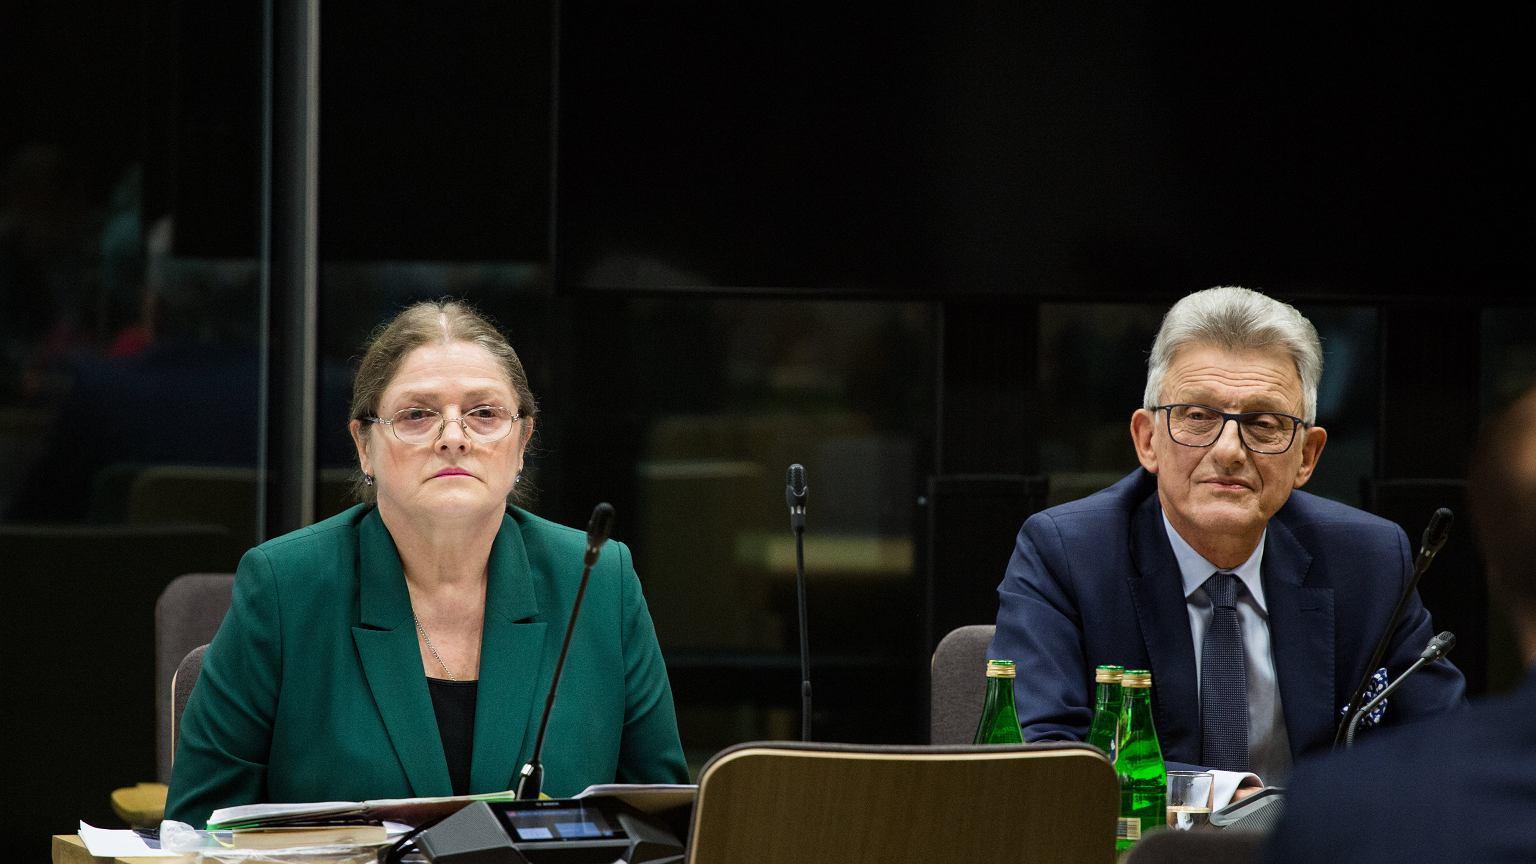 Krystyna Pawłowicz sędzią TK.